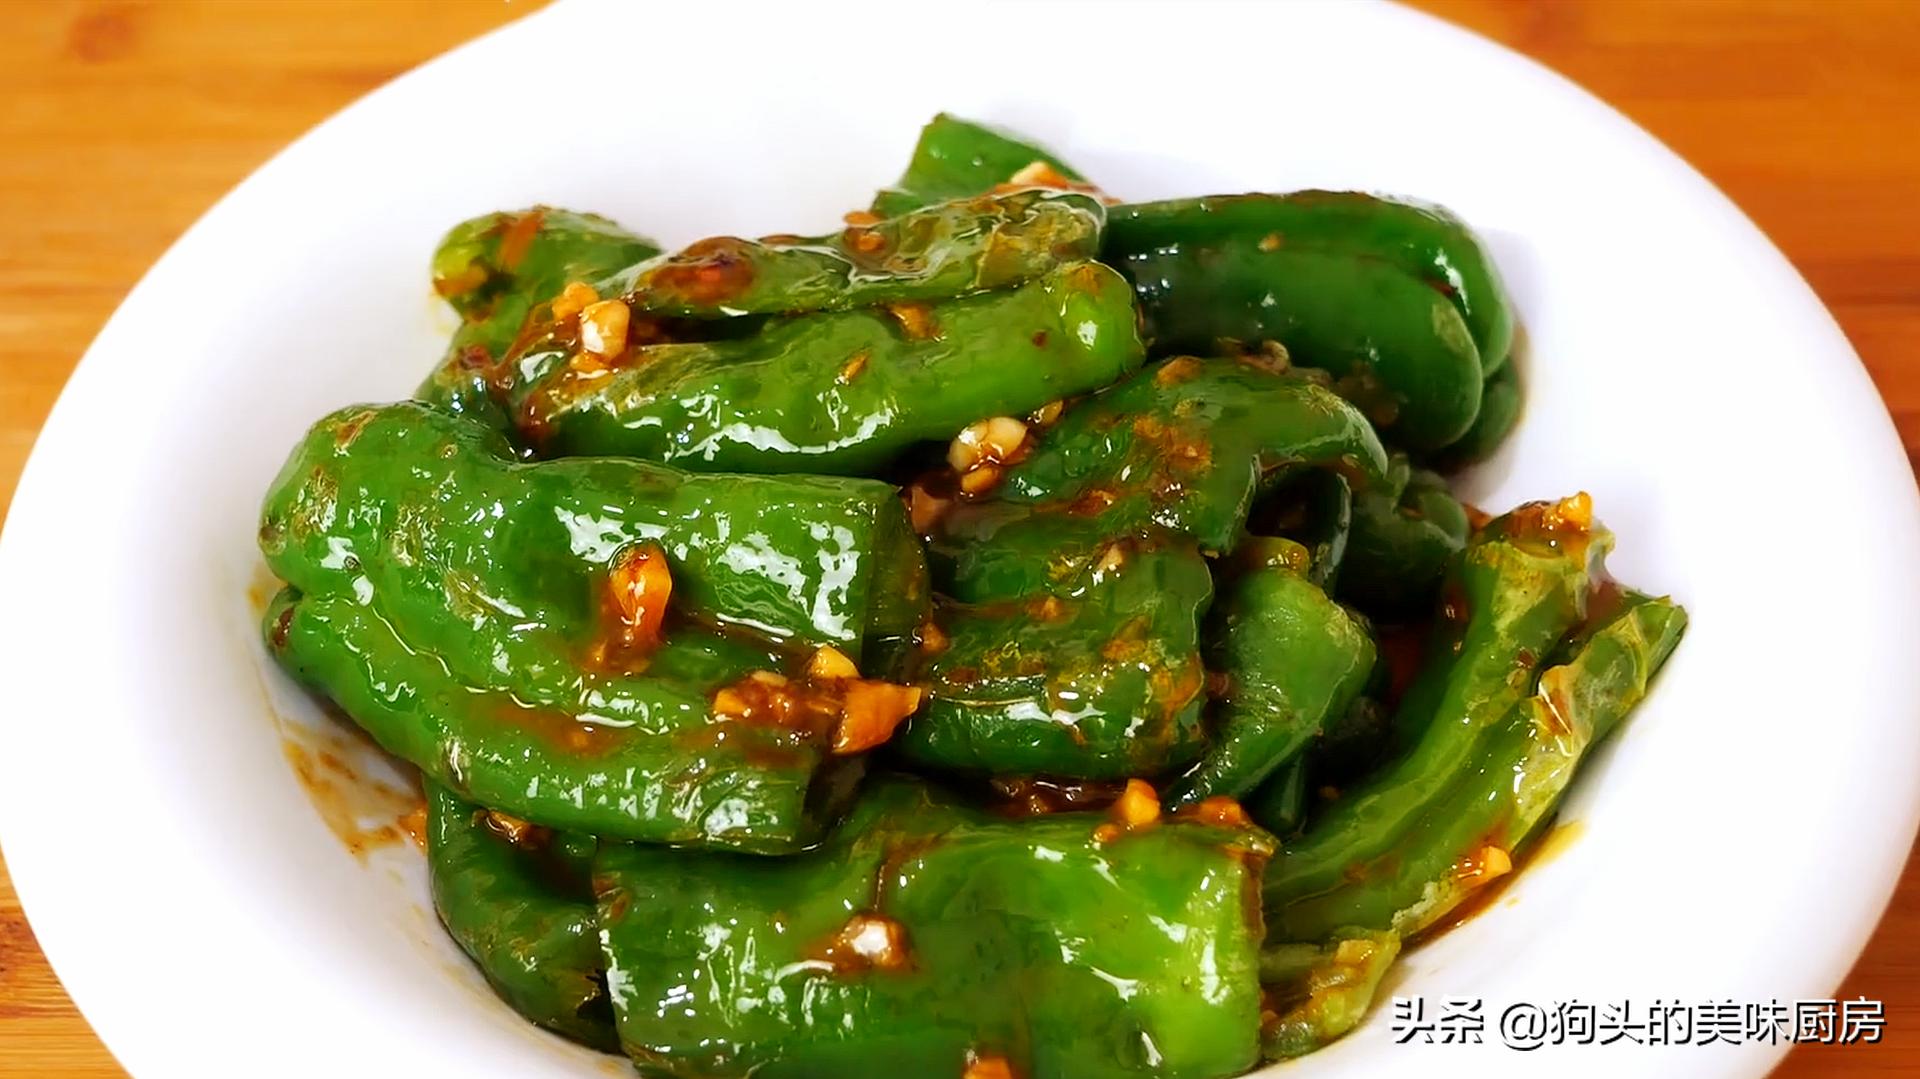 下饭神器虎皮青椒,学会这样做,好吃不油腻,一盘不够吃,真过瘾 美食做法 第2张